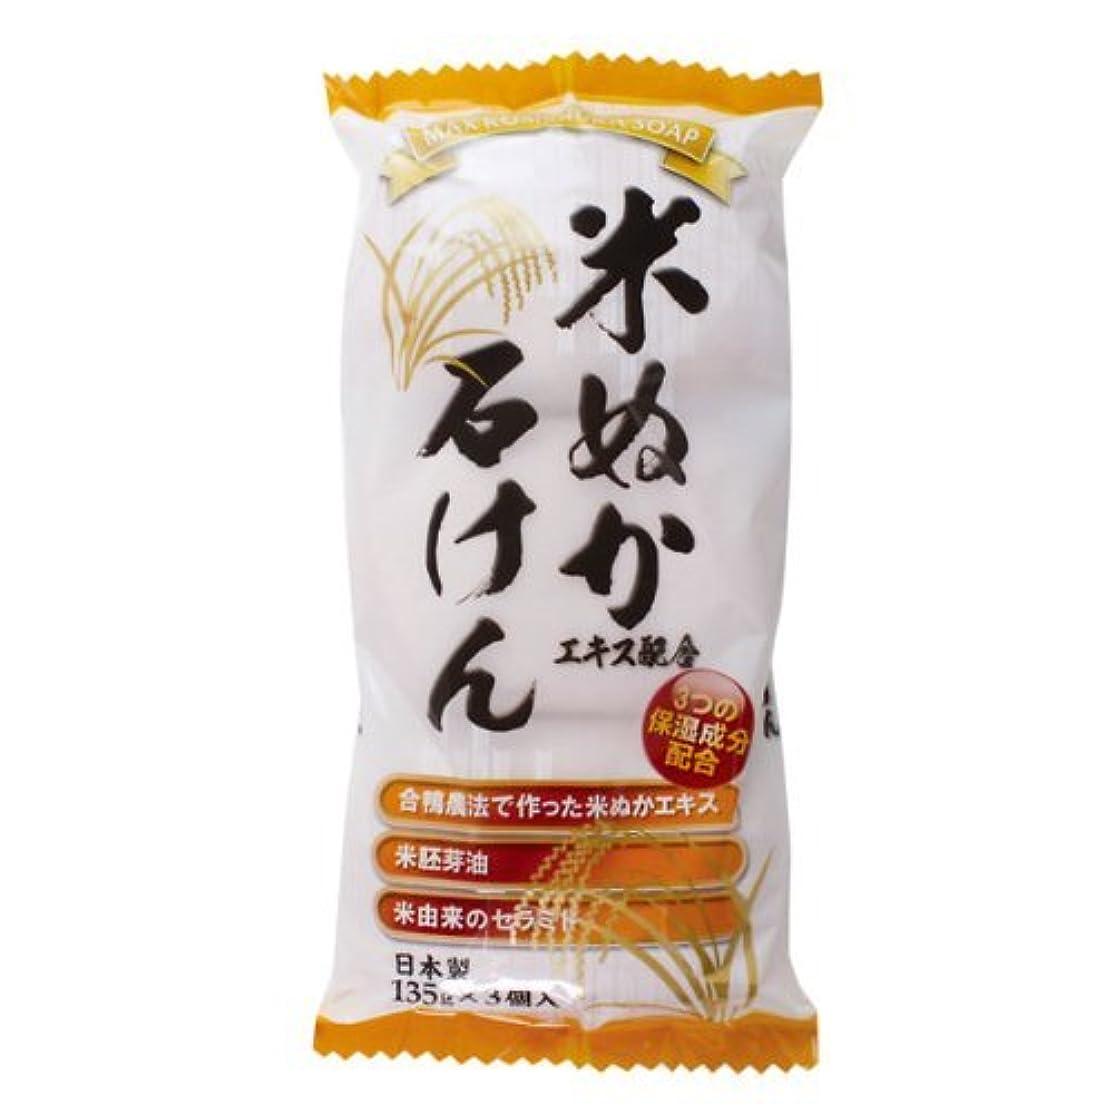 離婚苗全体に米ぬかエキス配合石けん 3個入 135g×3個